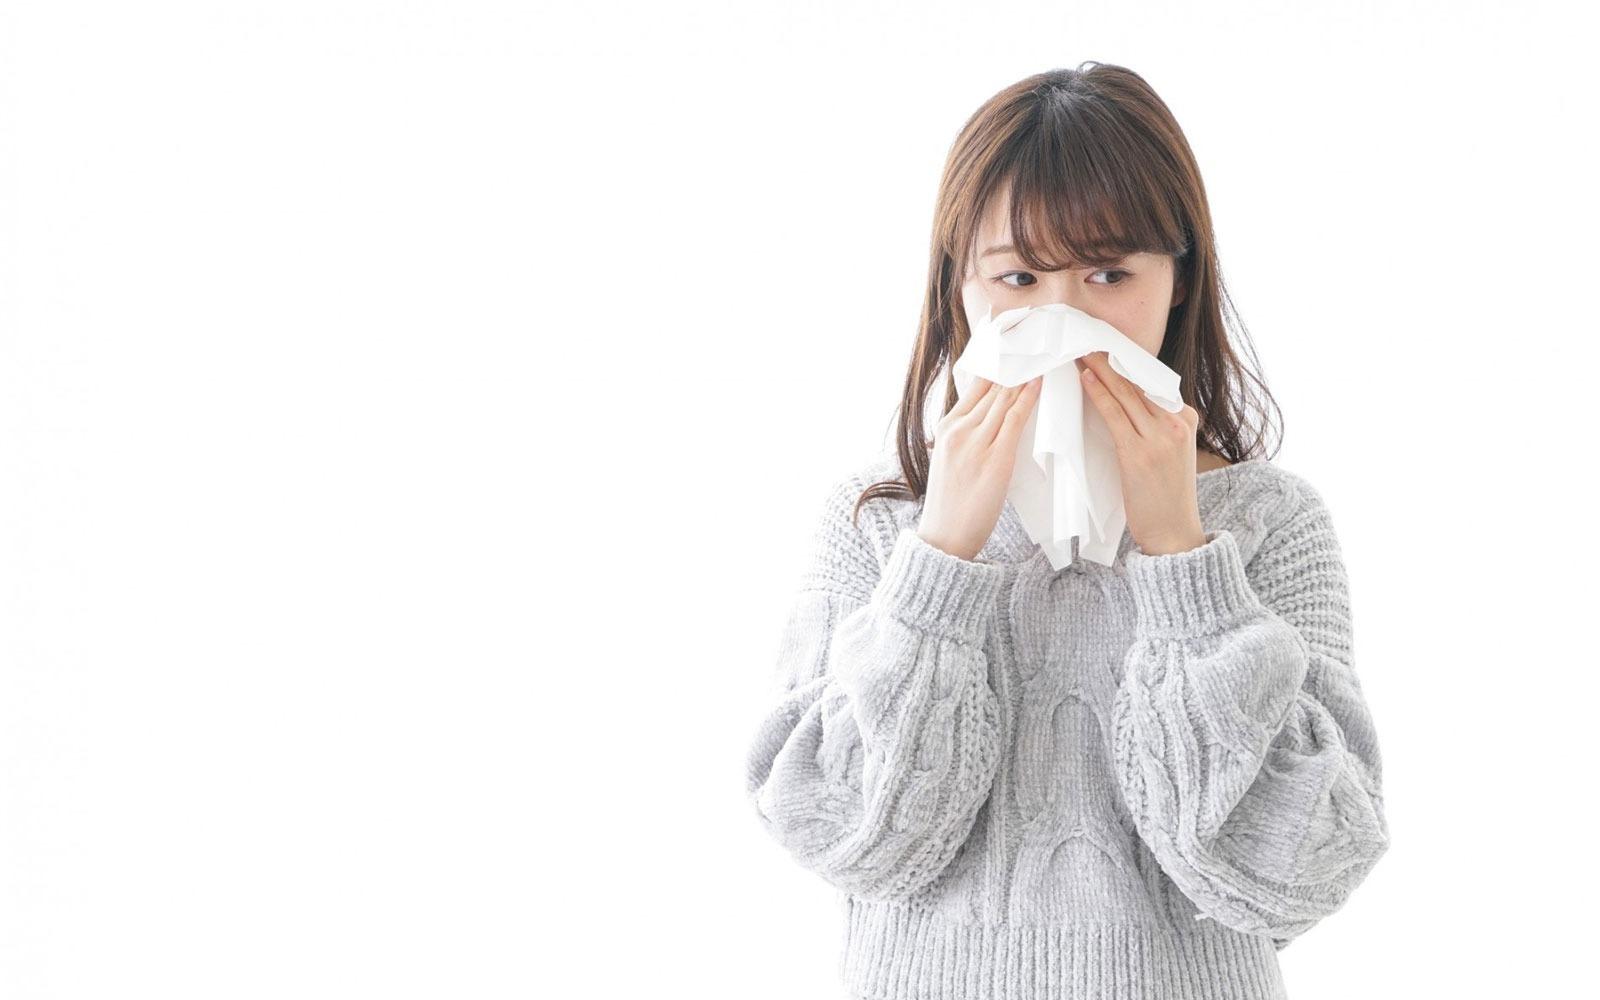 Yang Perlu Dilakukan Penderita Diabetes Saat Terkena Flu